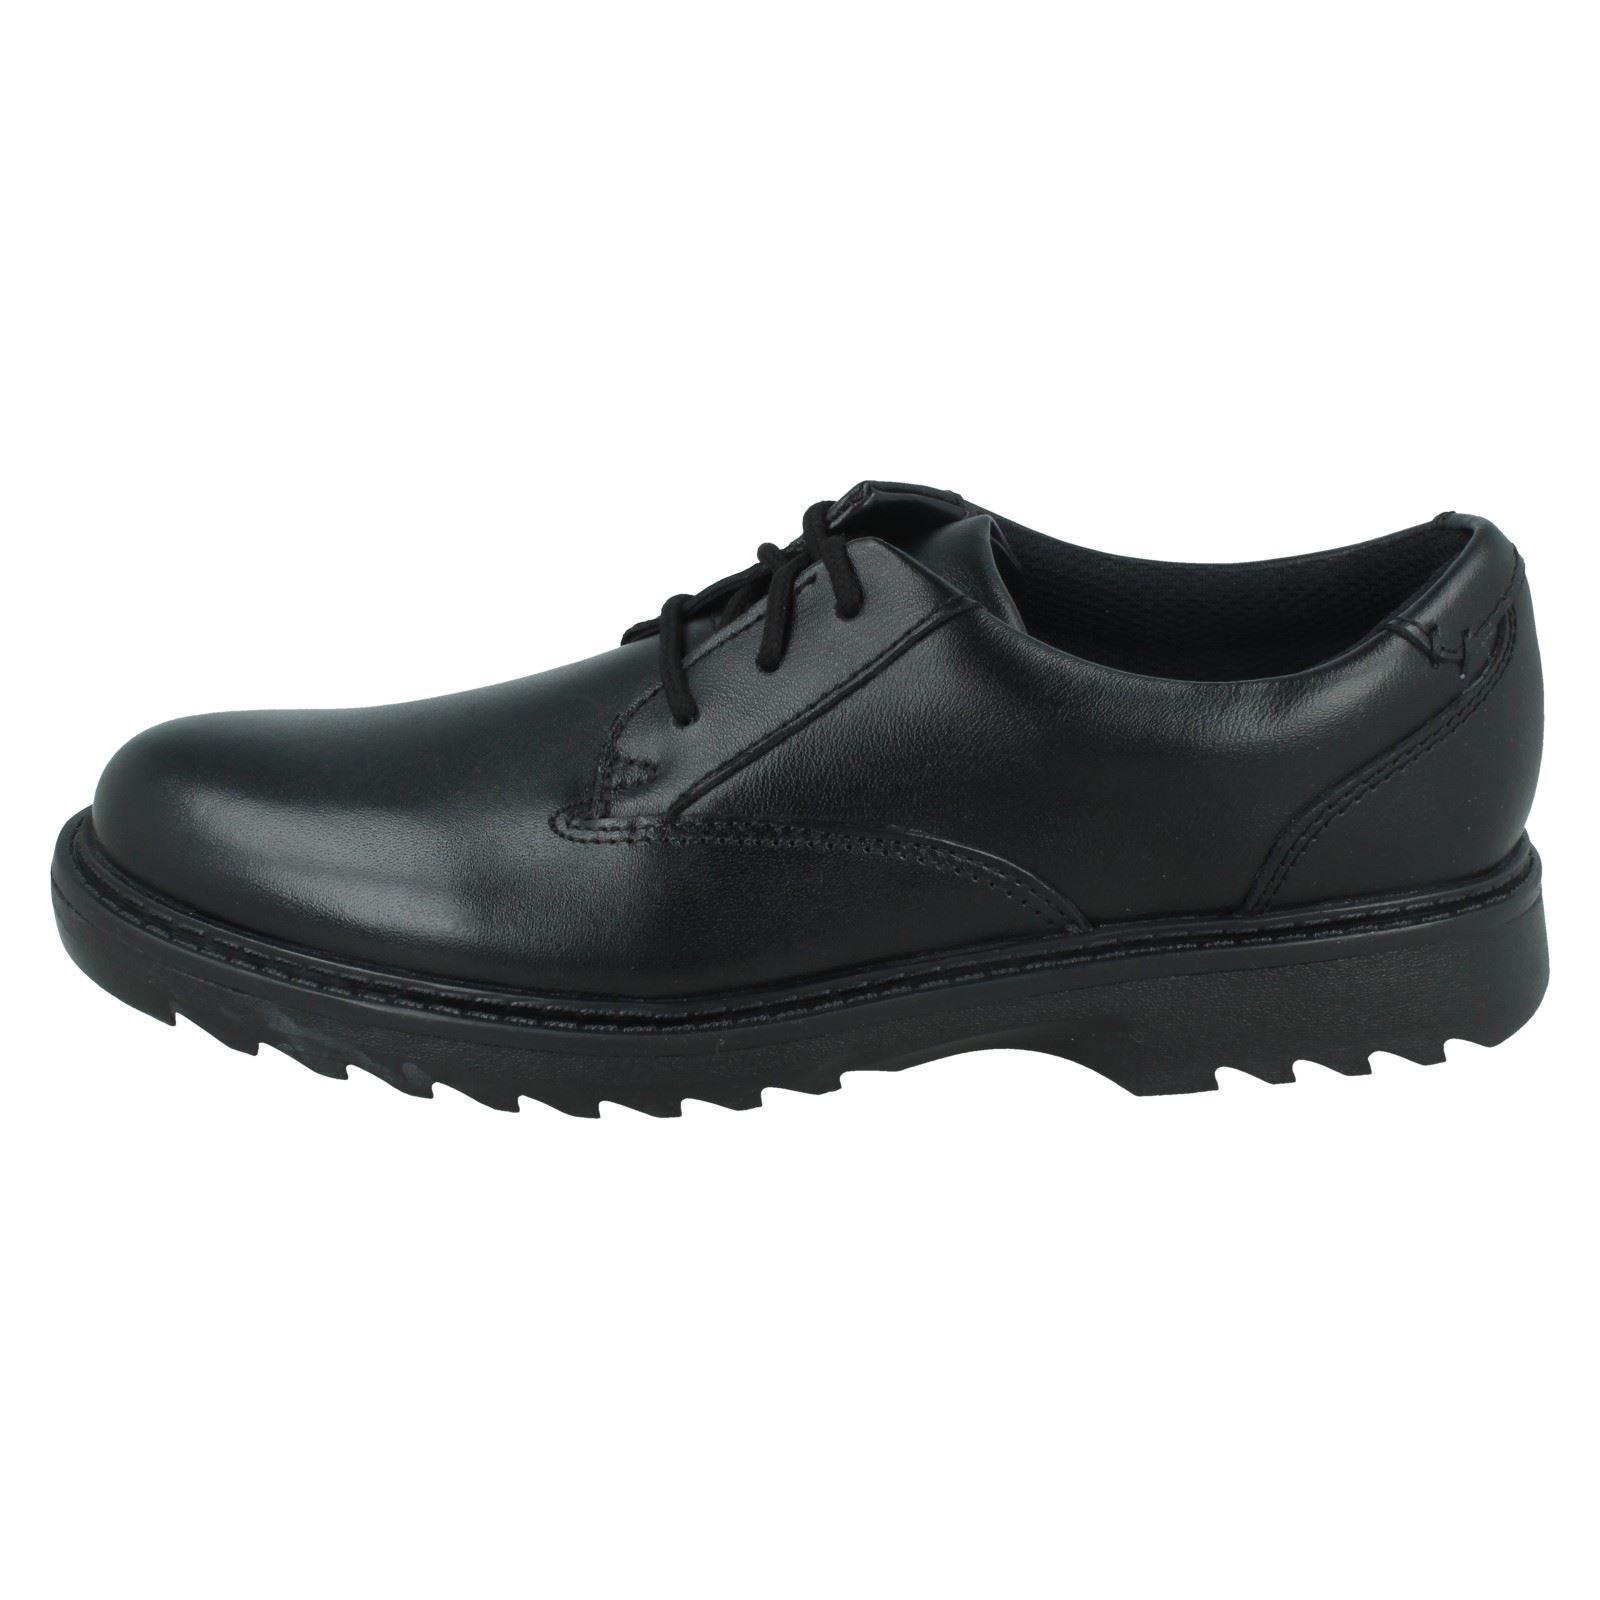 Chicos Clarks Asher Jazz Inteligente Con Cordones Zapatos Escolares